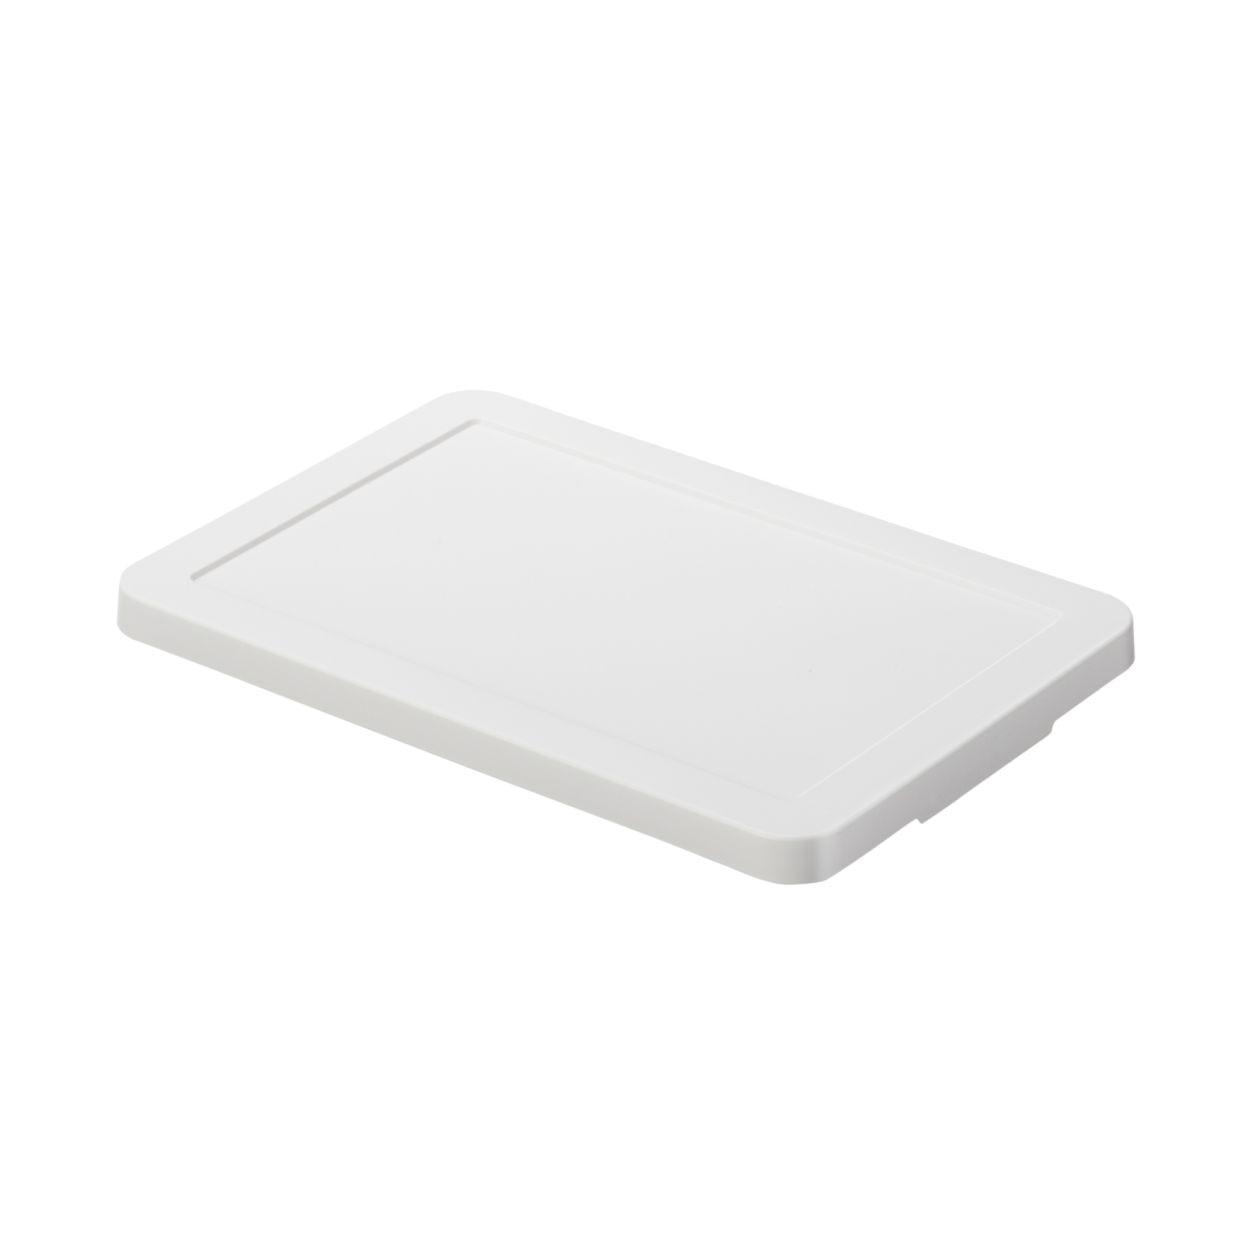 【ネット限定】ポリプロピレン収納ボックス用フタ・ホワイトグレー